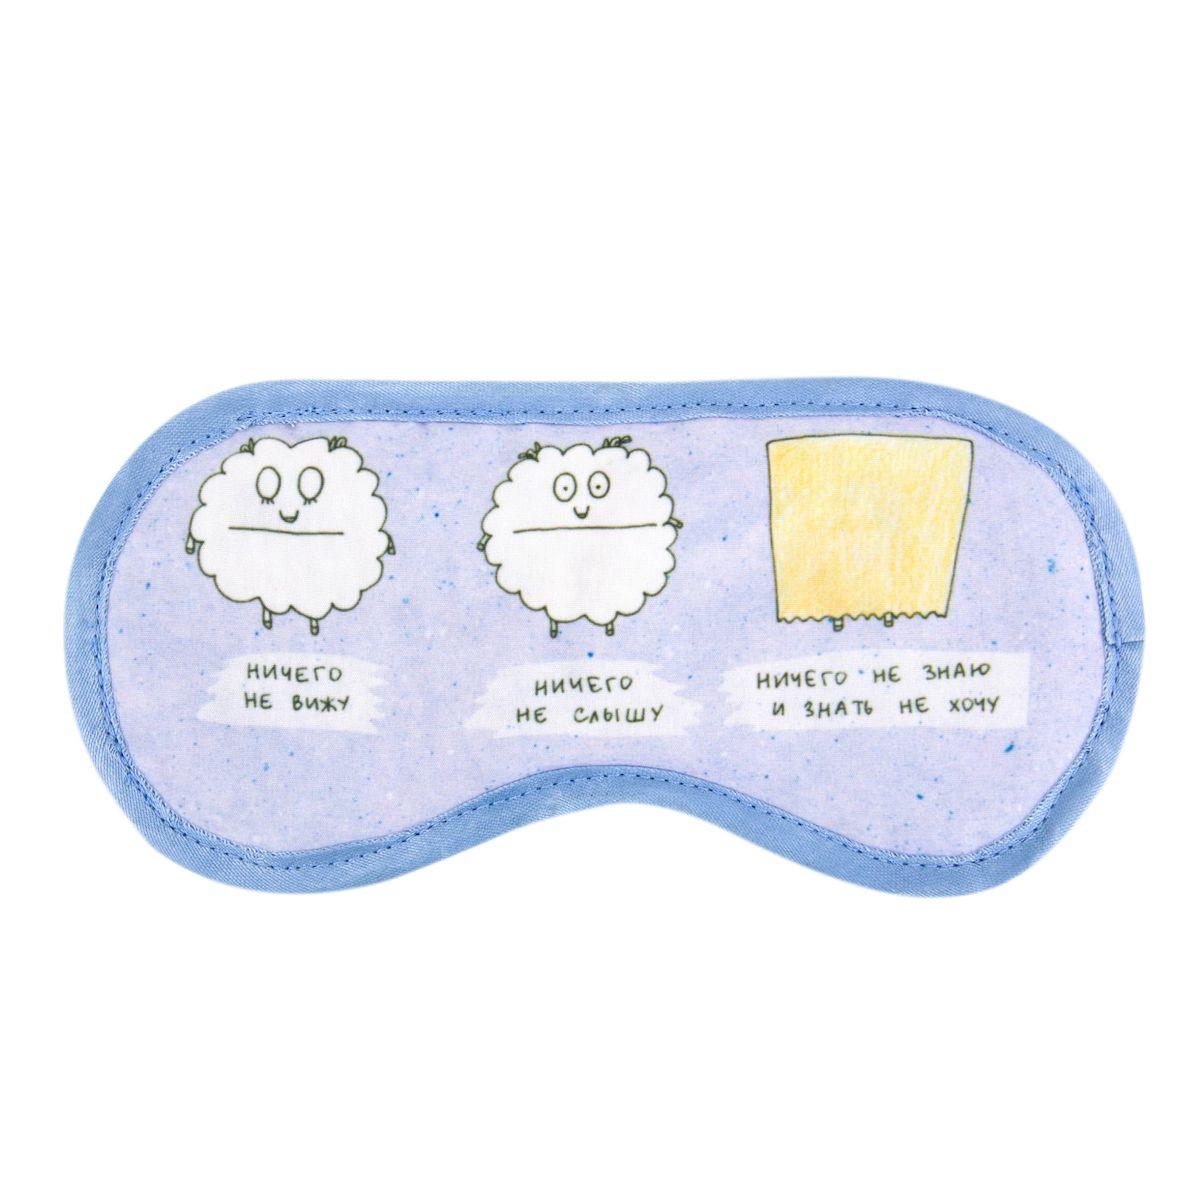 Маска для сна Kawaii Factory Не вижу, KW189-000018, фиолетовый маска для сна кролик с ушками пакет 12 37559 yz 7256